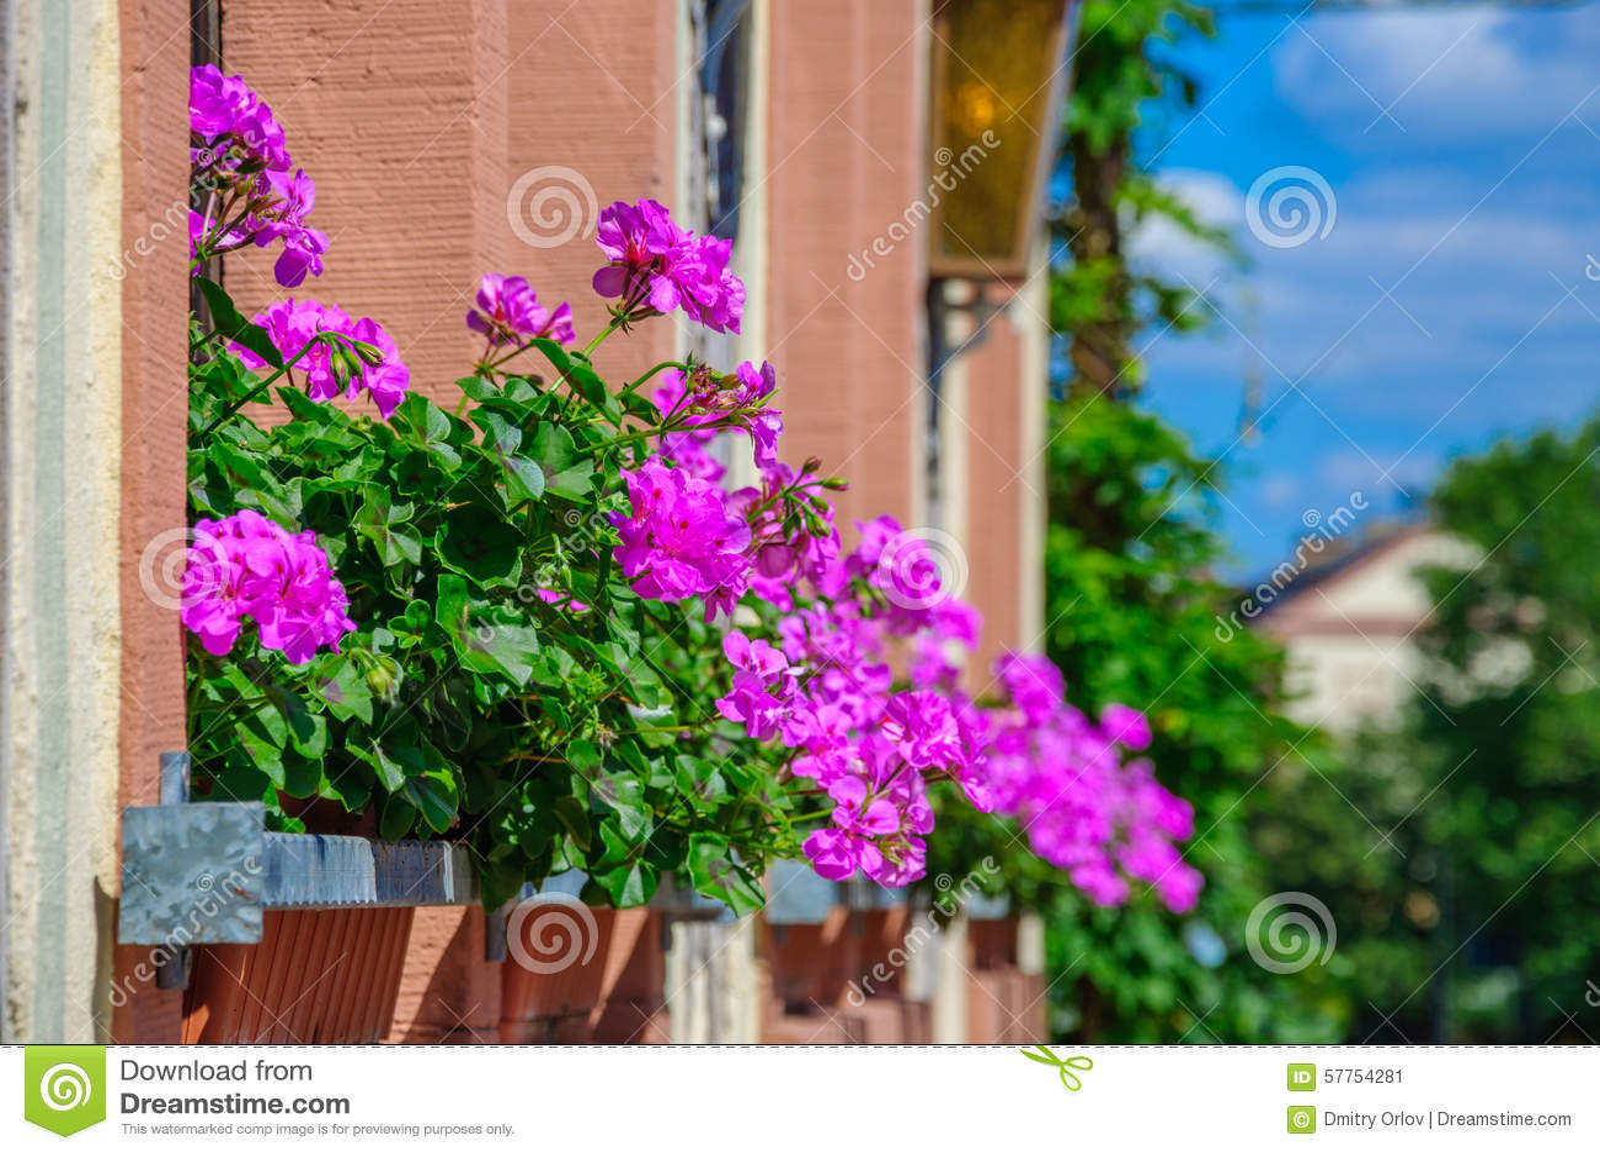 ? ? ? ? ? ? ? ? stock photos - freeimages.com.